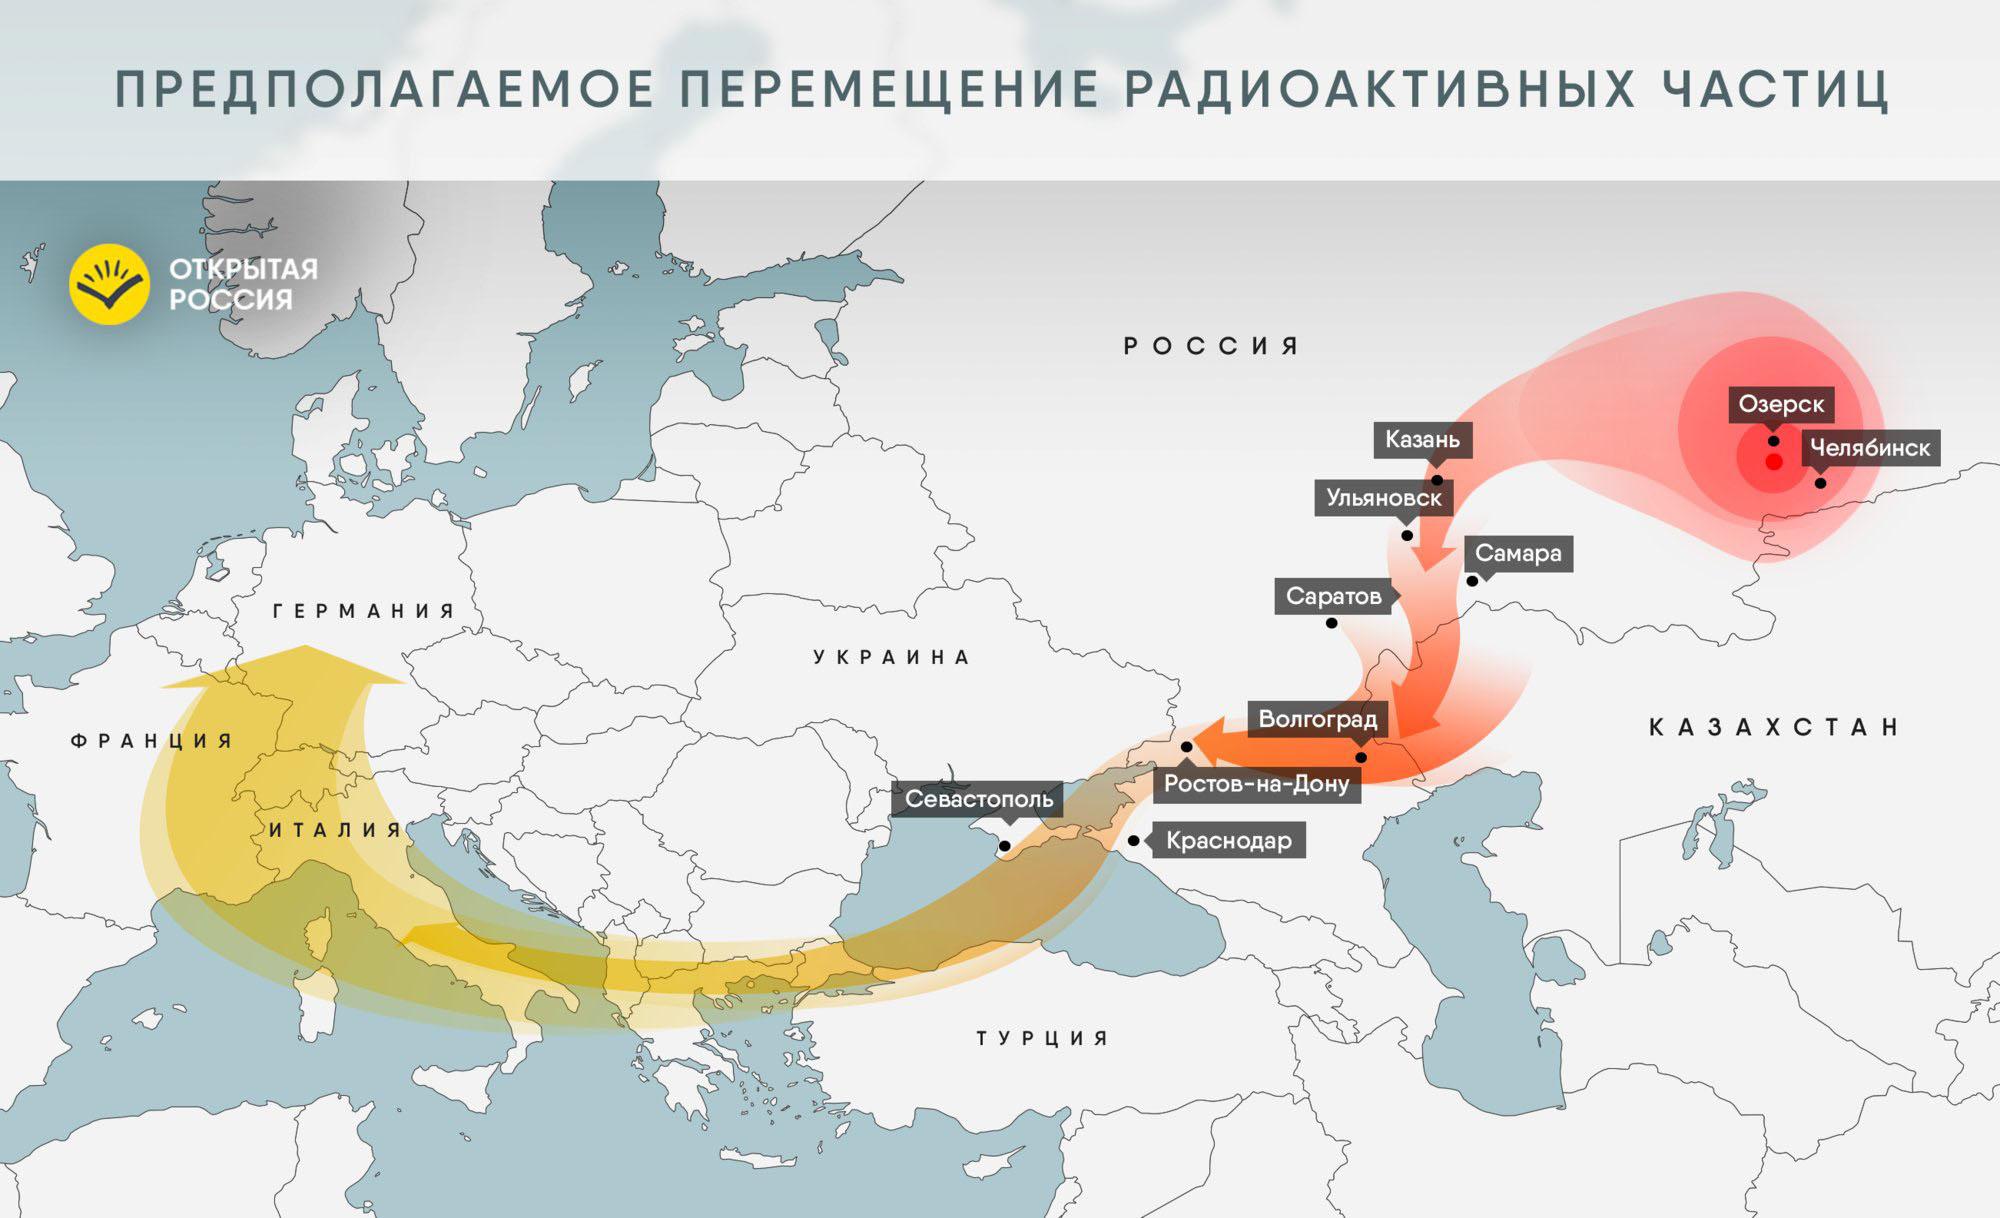 Рис. 2. Перемещение радиоактивных частиц, предполагаемое на основе опубликованных данных измерений.Источник: www.openrussia.org [9]